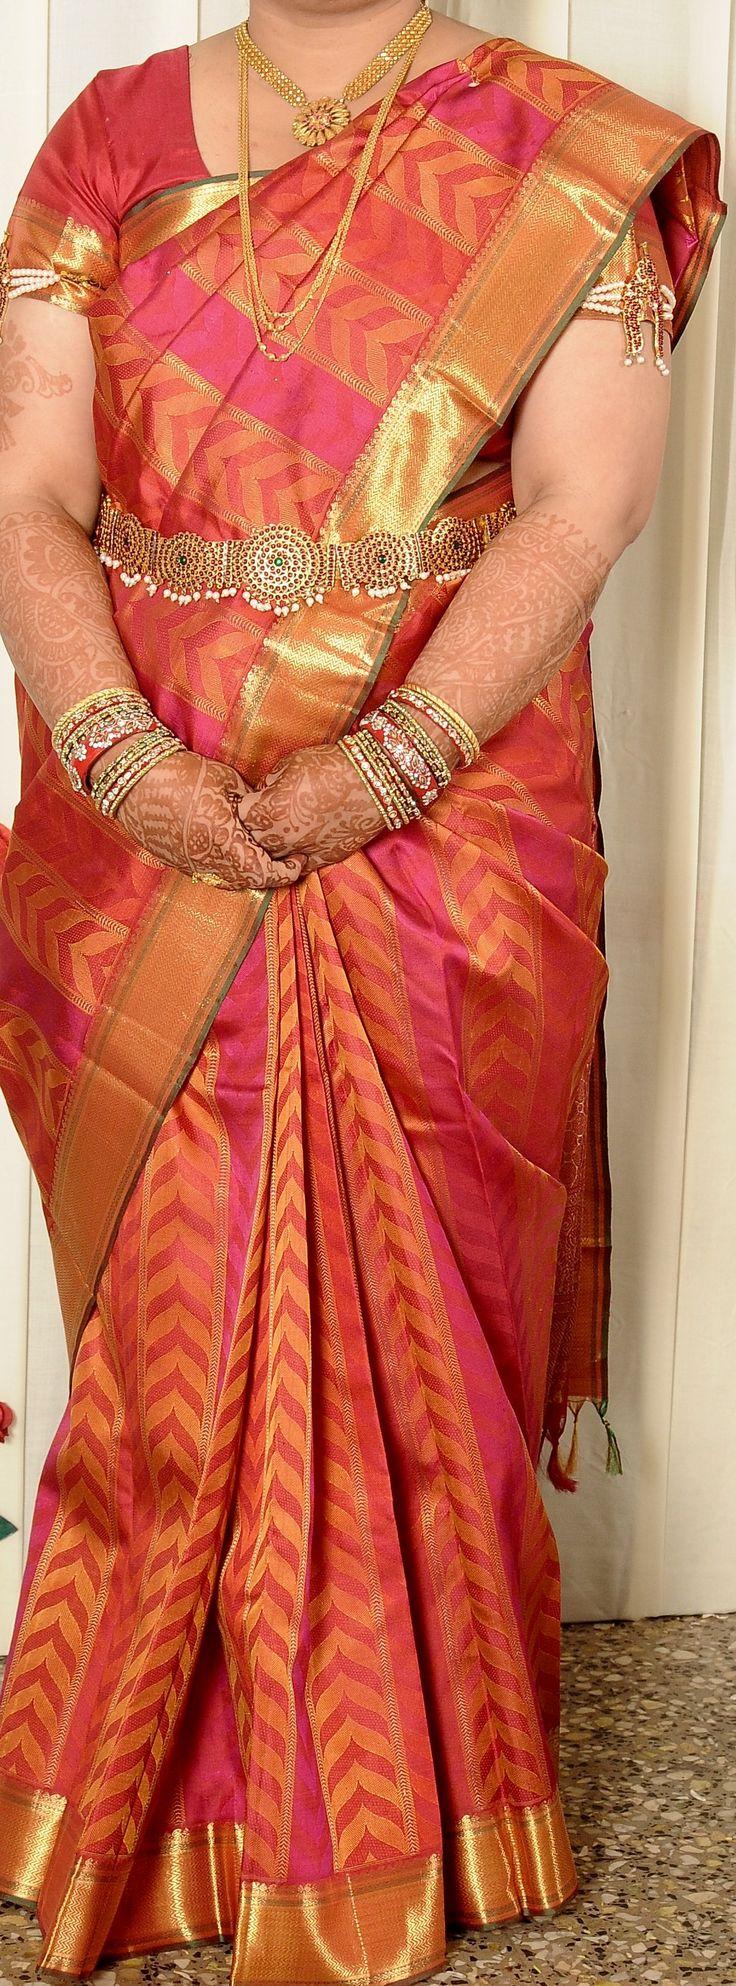 Red and pink Kanchipuram bridal silk saree.